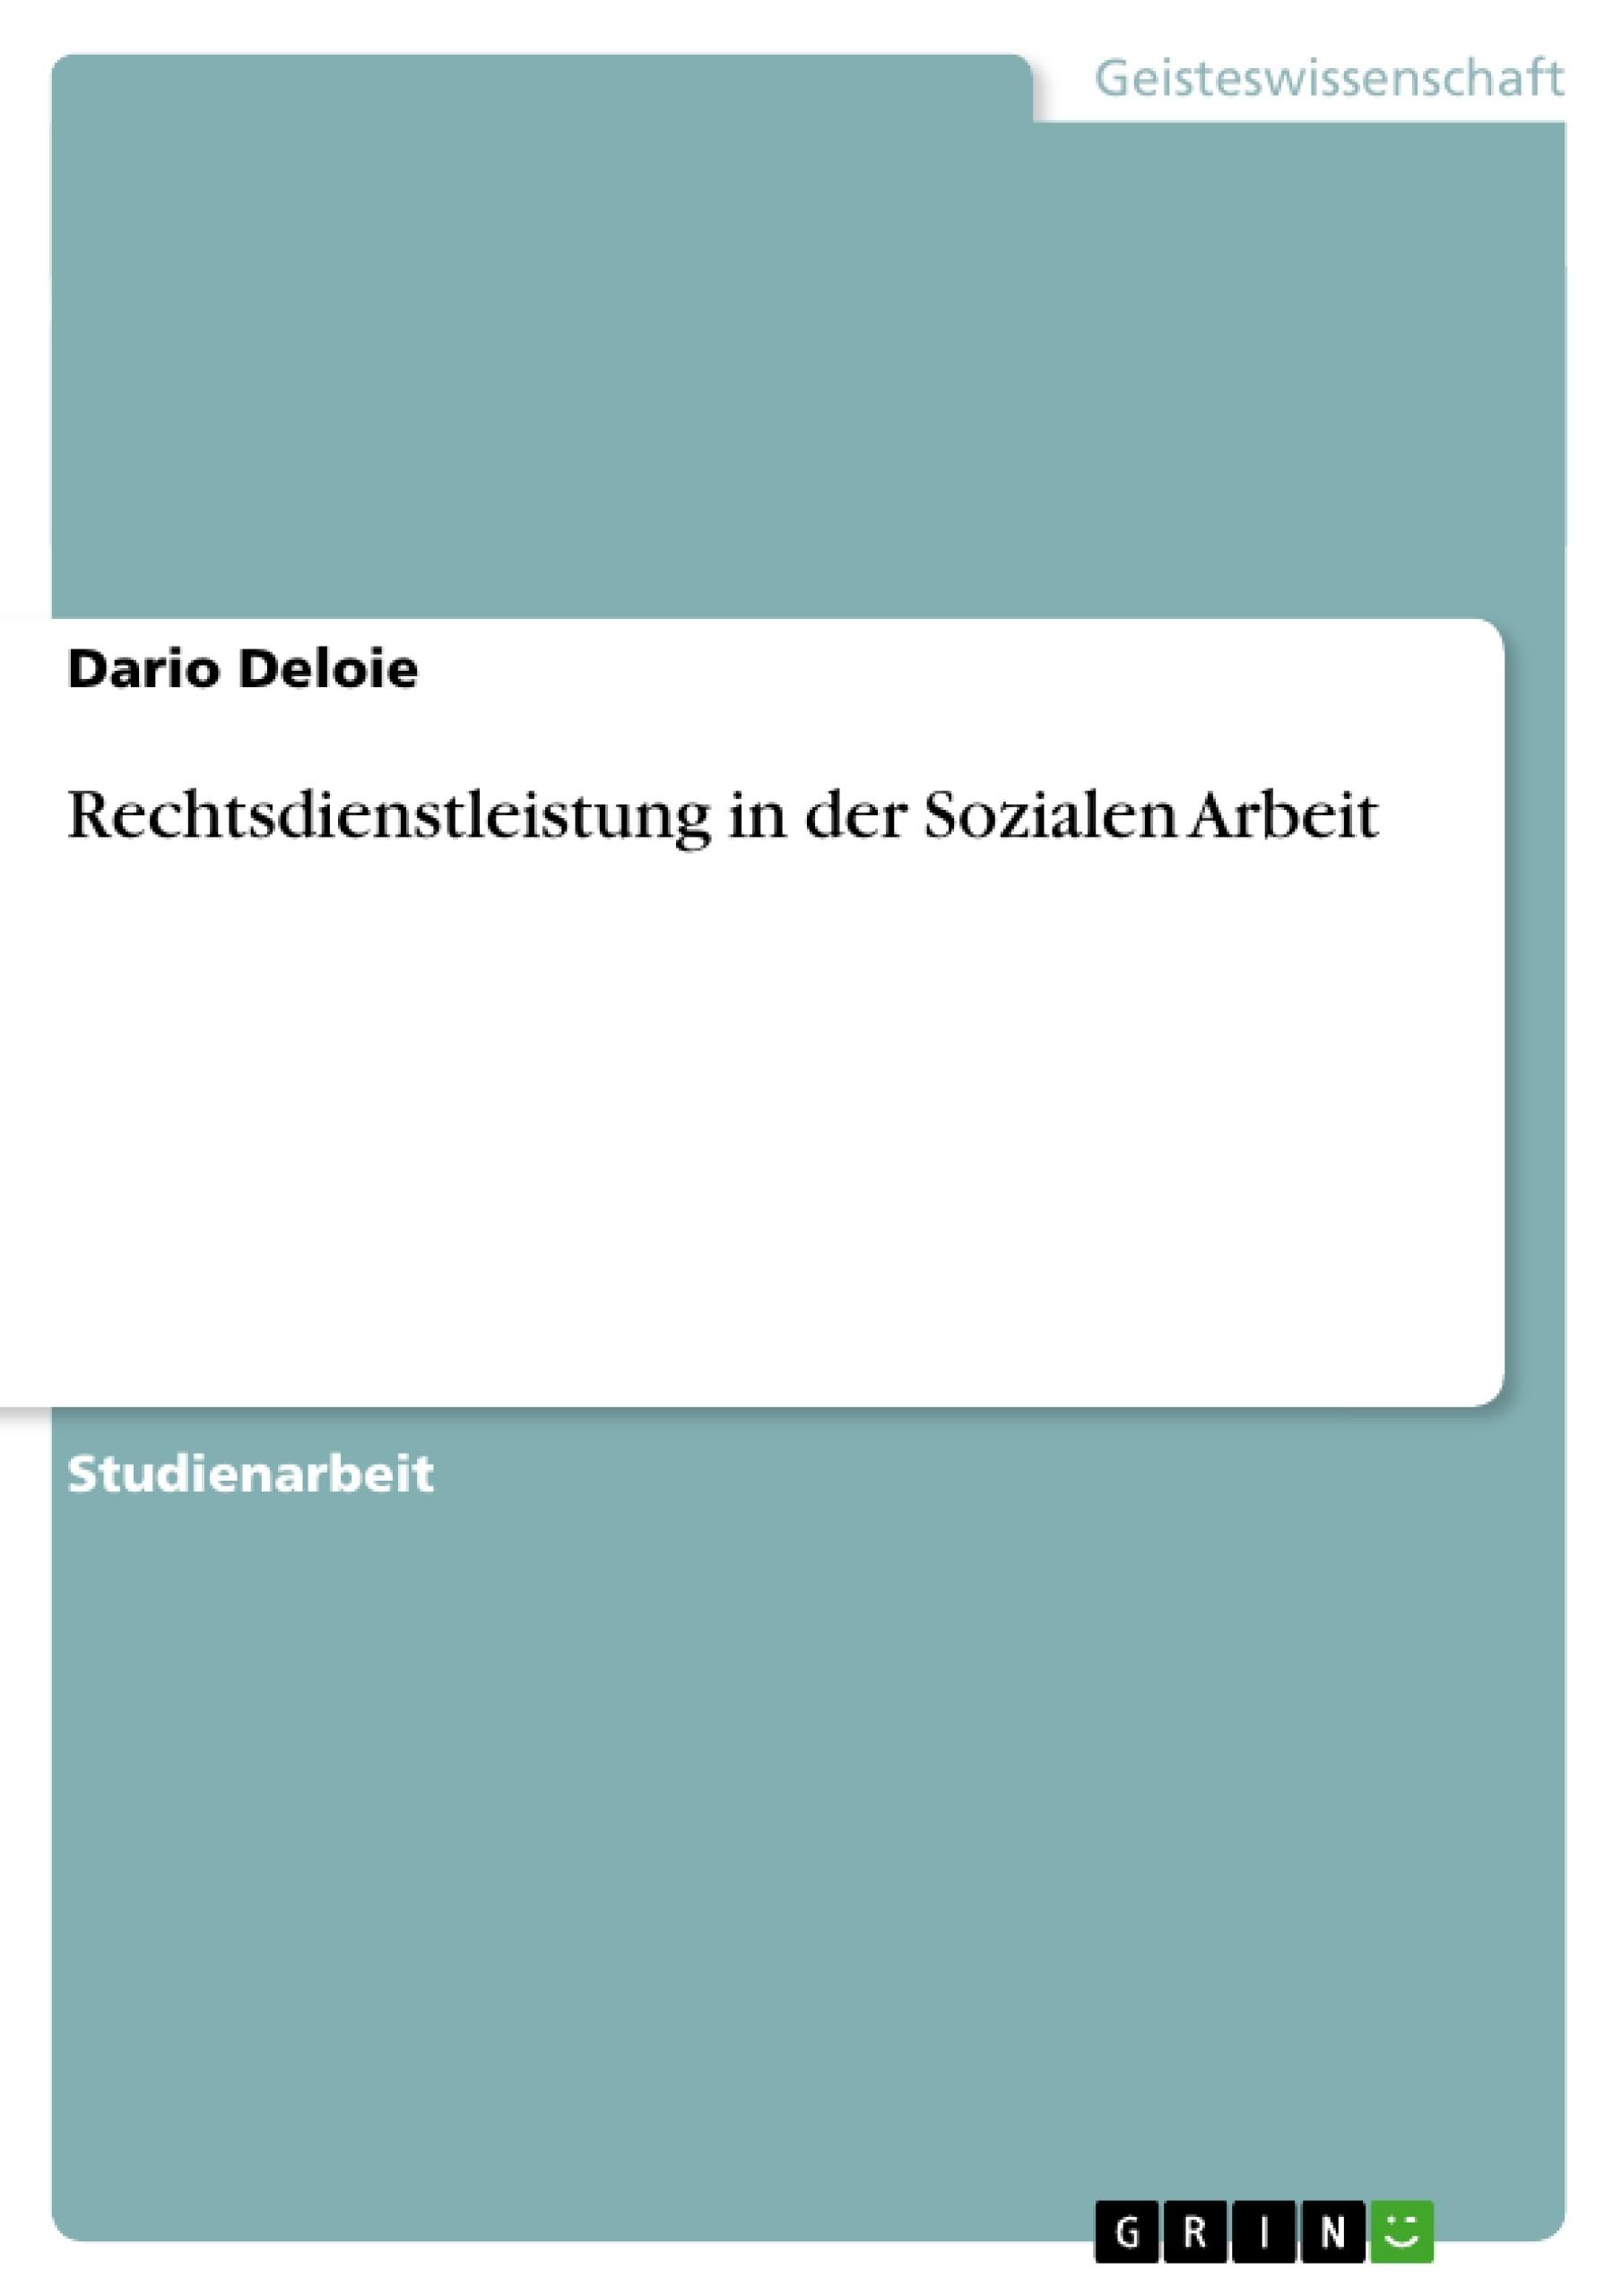 Titel: Rechtsdienstleistung in der Sozialen Arbeit